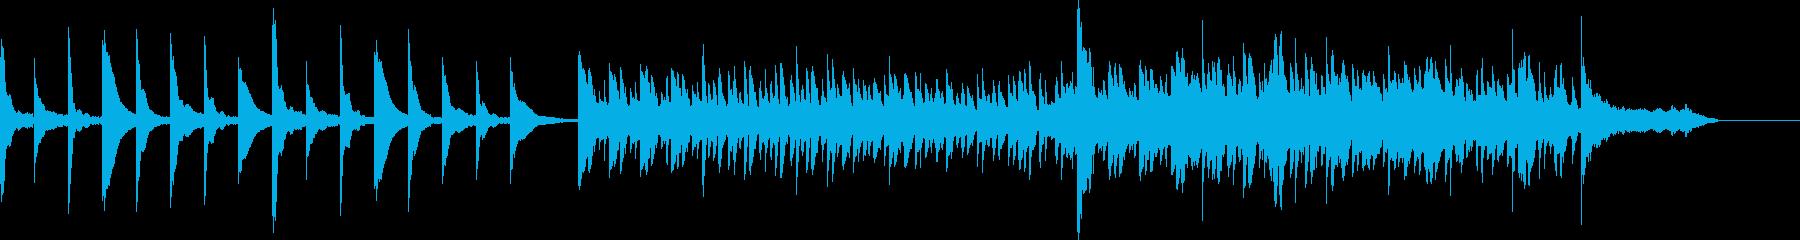 静かな期待や予感を感じさせる曲の再生済みの波形